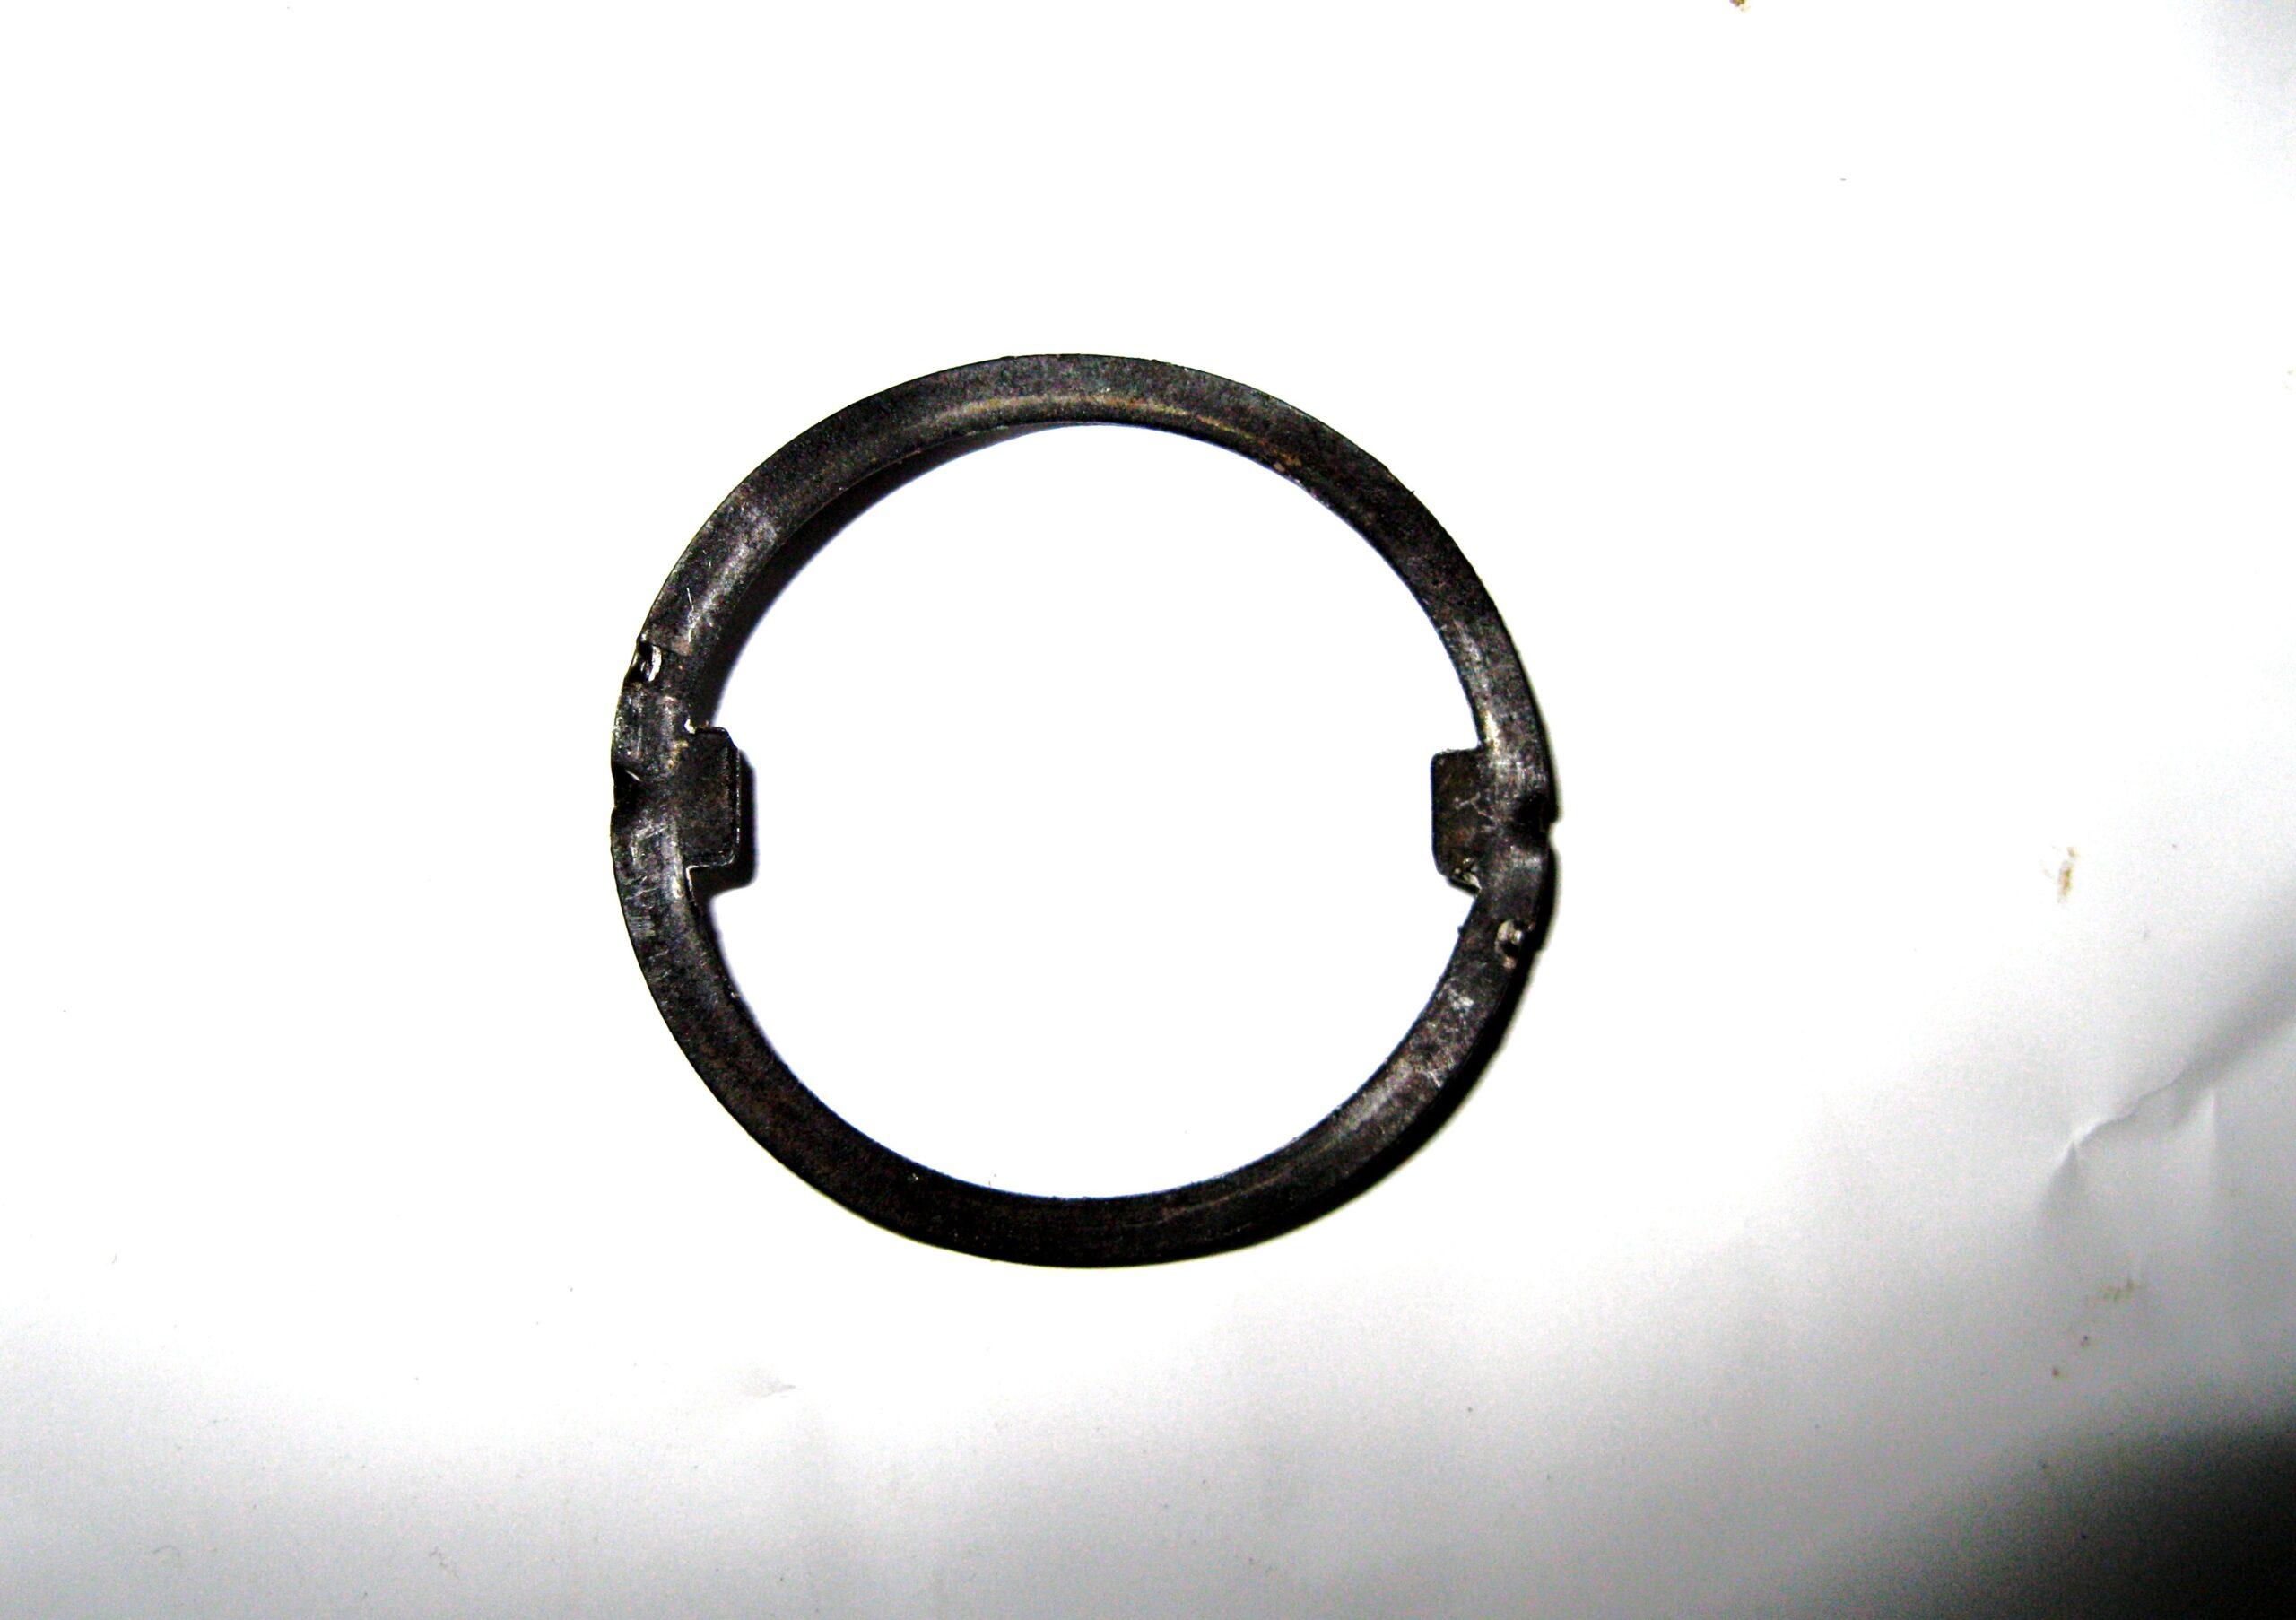 MP-40 Rear Barrel Nut locking Ring